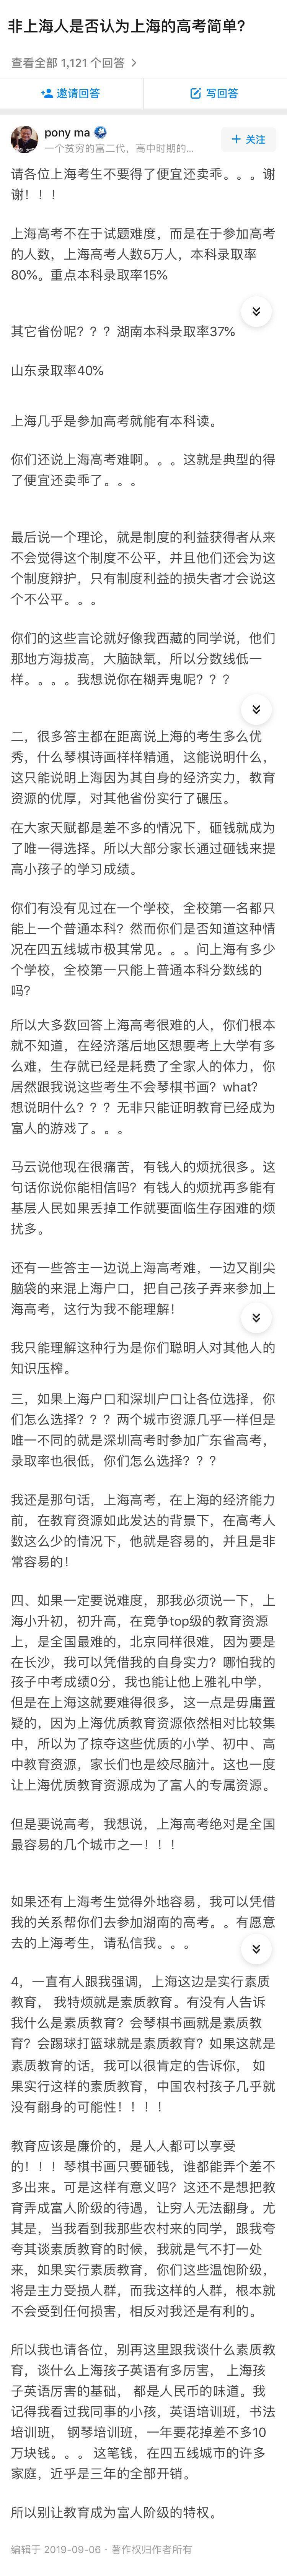 上海的高考很简单吗?